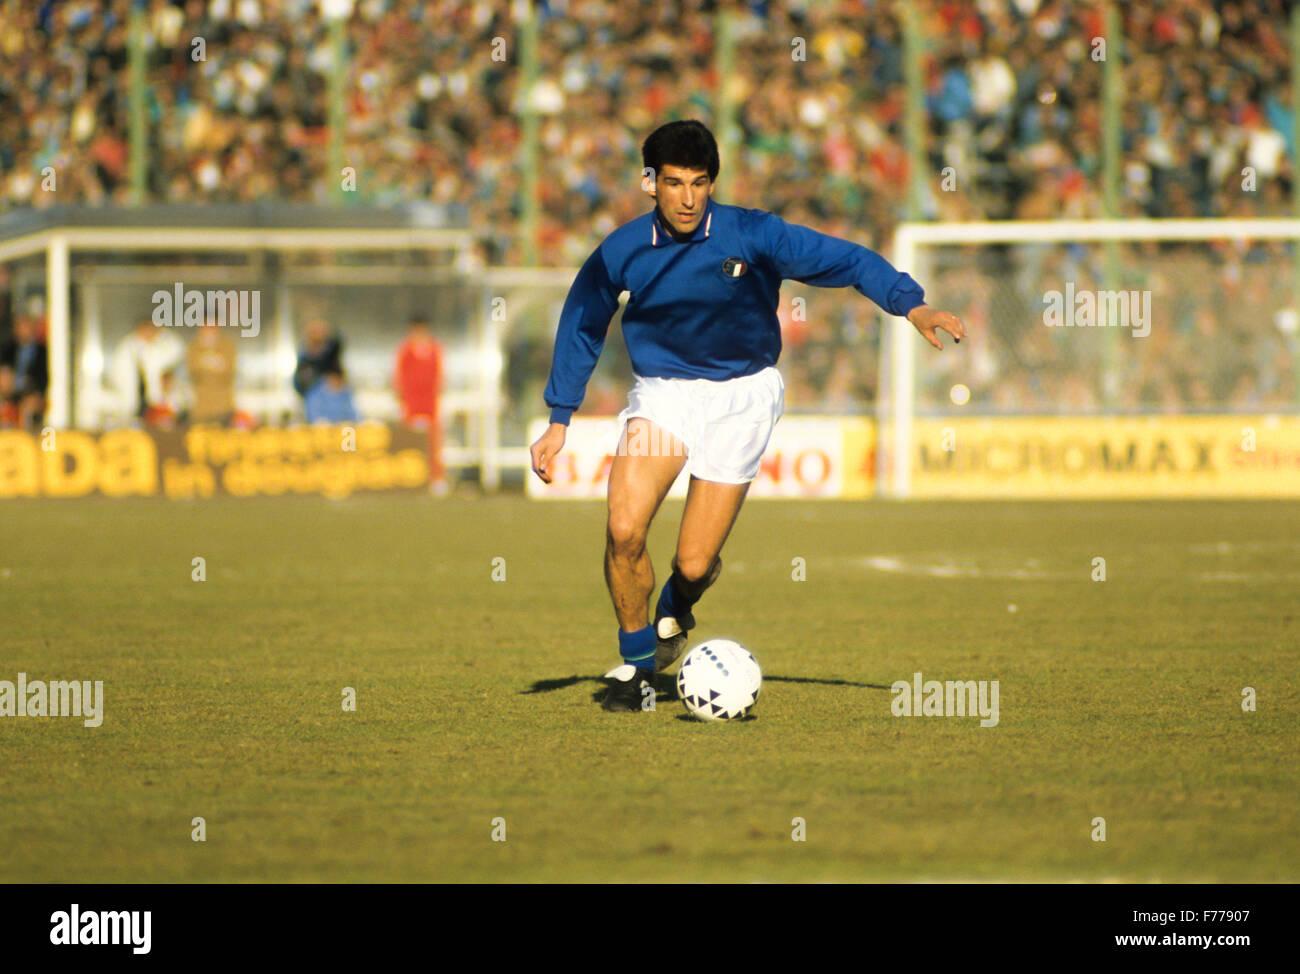 salvatore bagni,1986 Stock Photo: 90515159 - Alamy